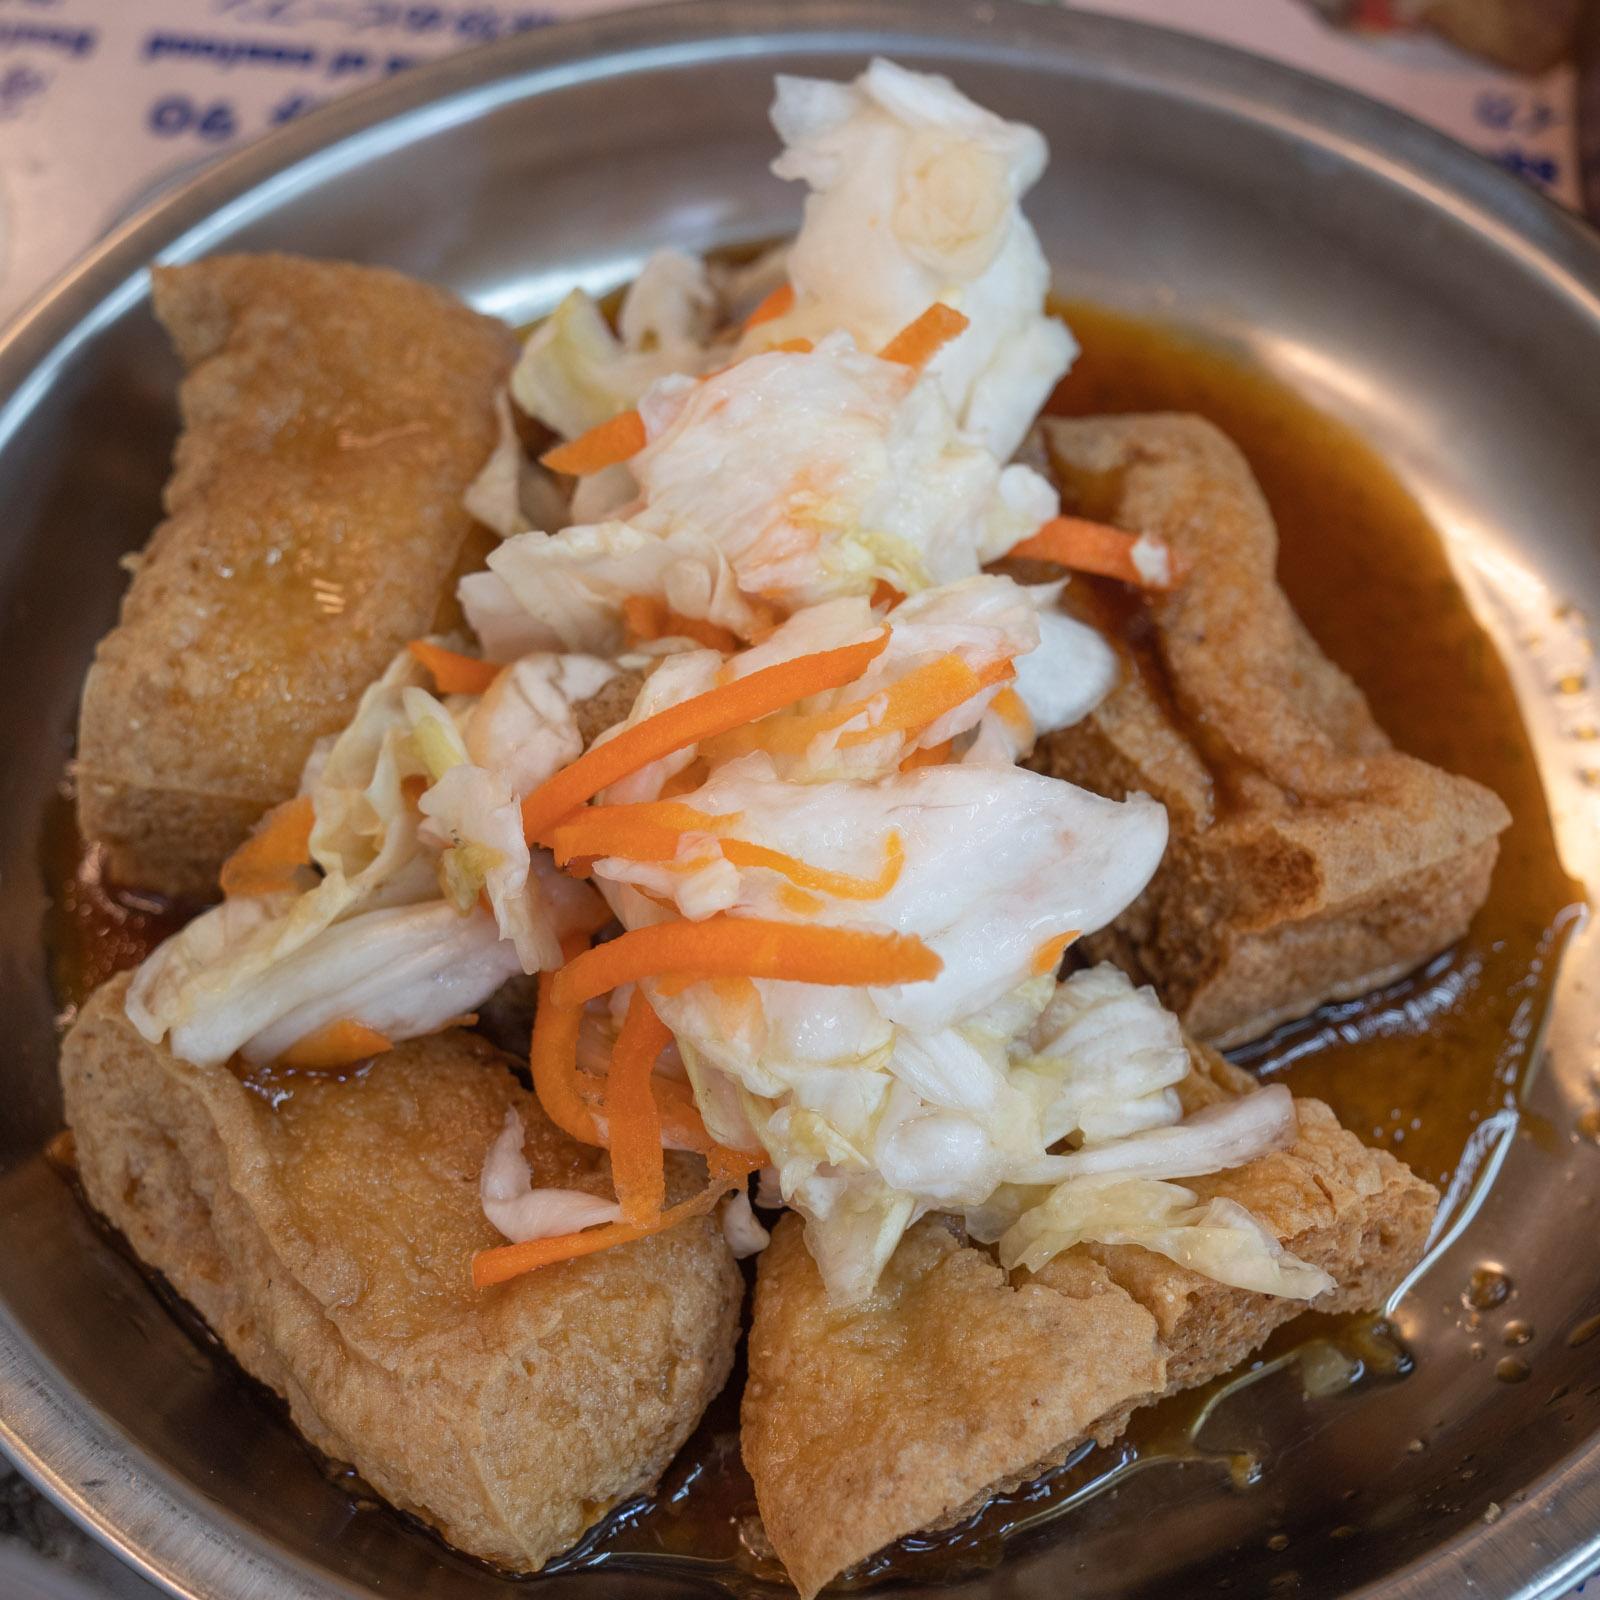 士林夜市地下のフードコートの臭豆腐50元(190円)